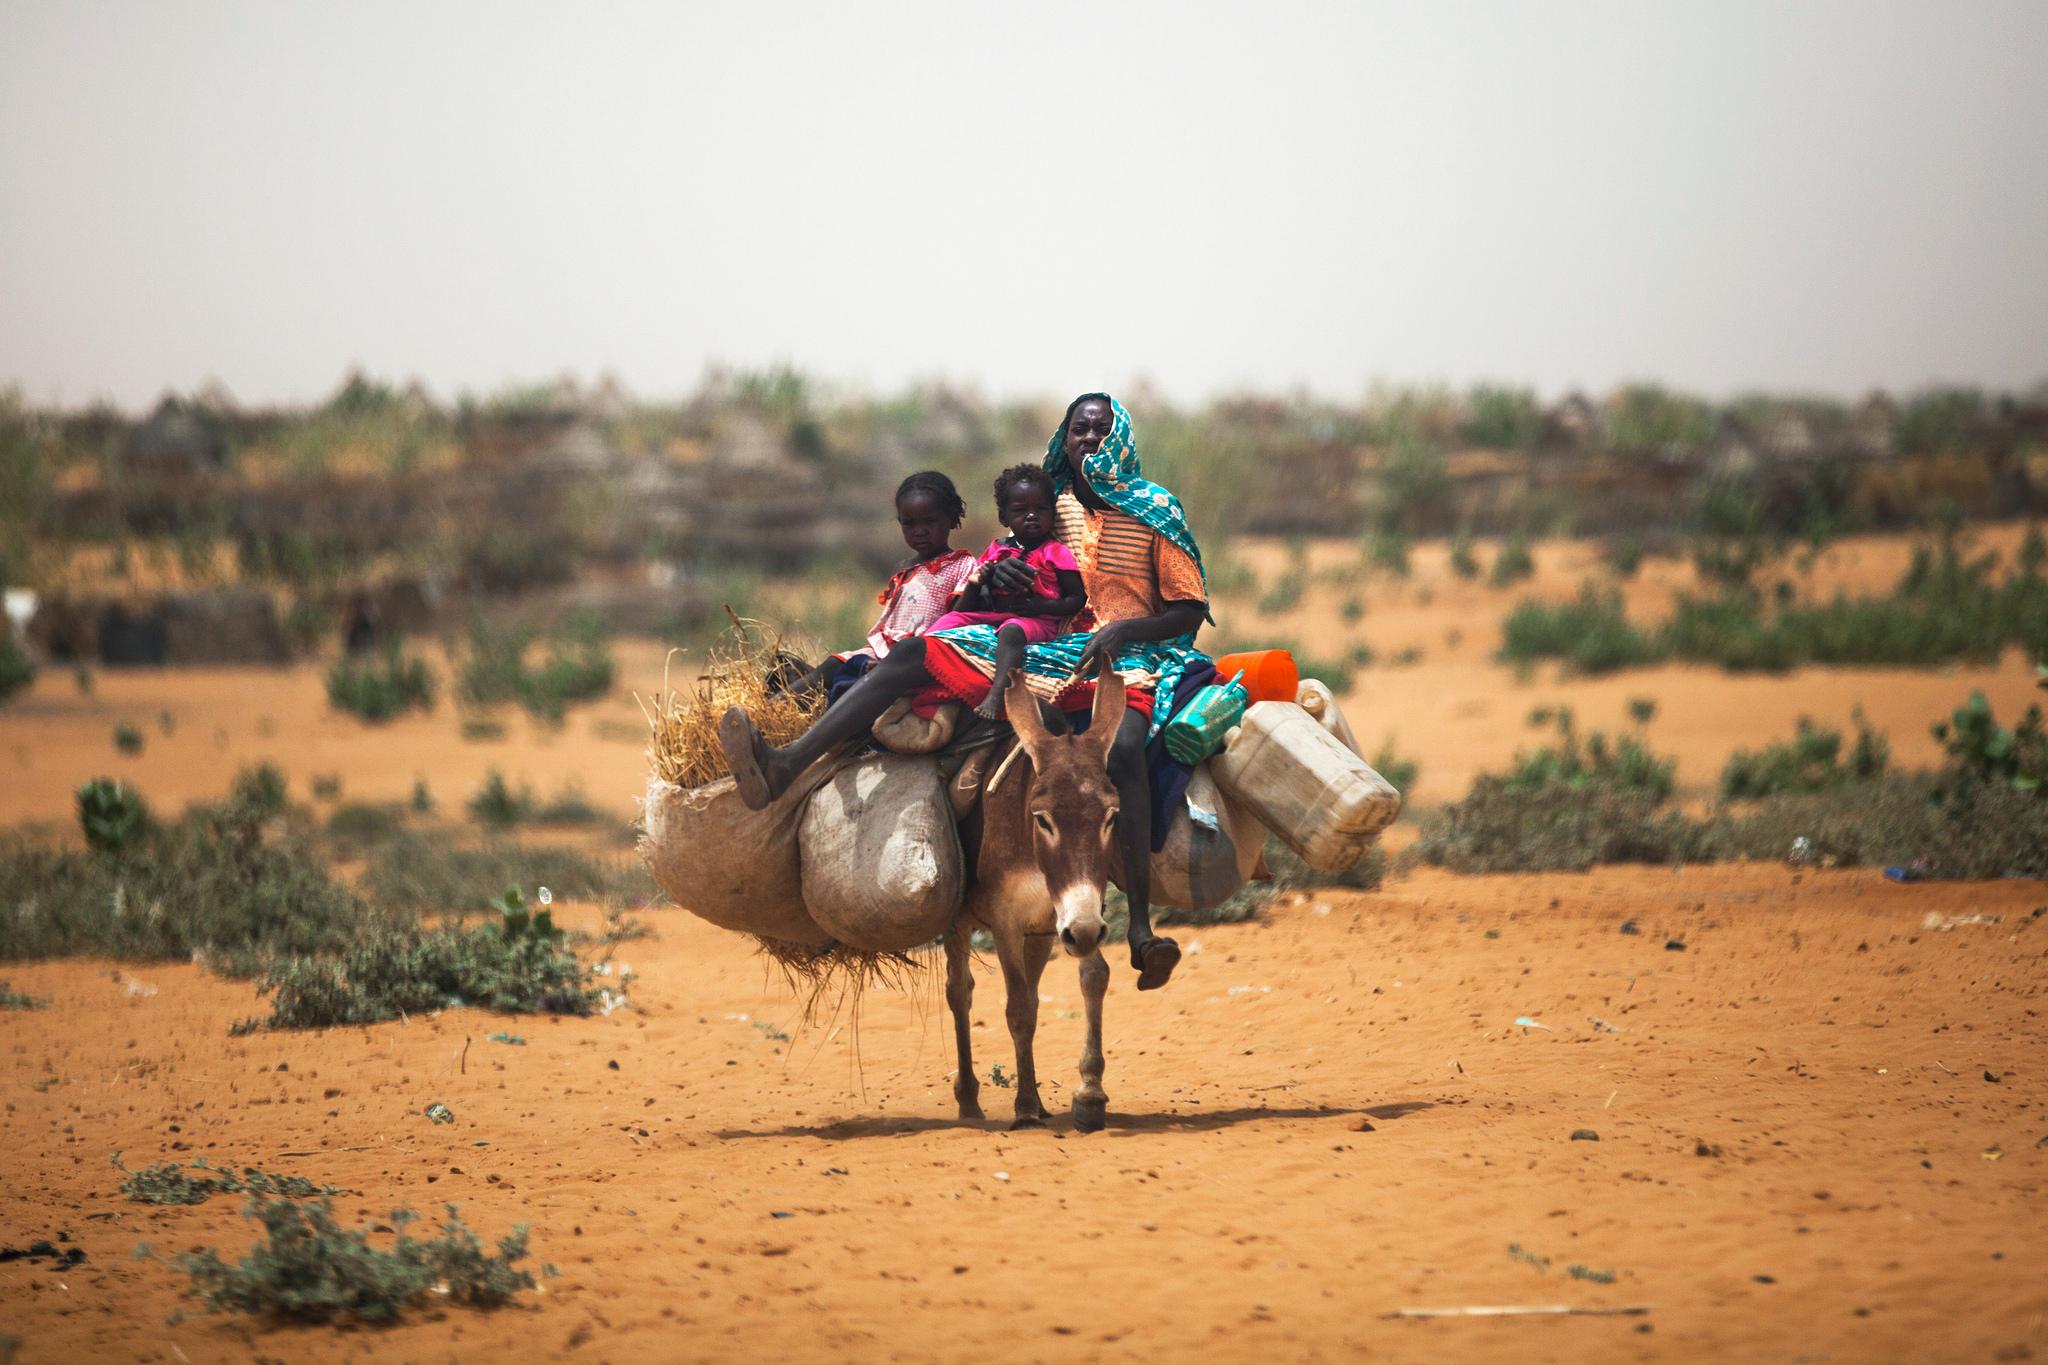 Darfur_cAlbert González Farran-UN